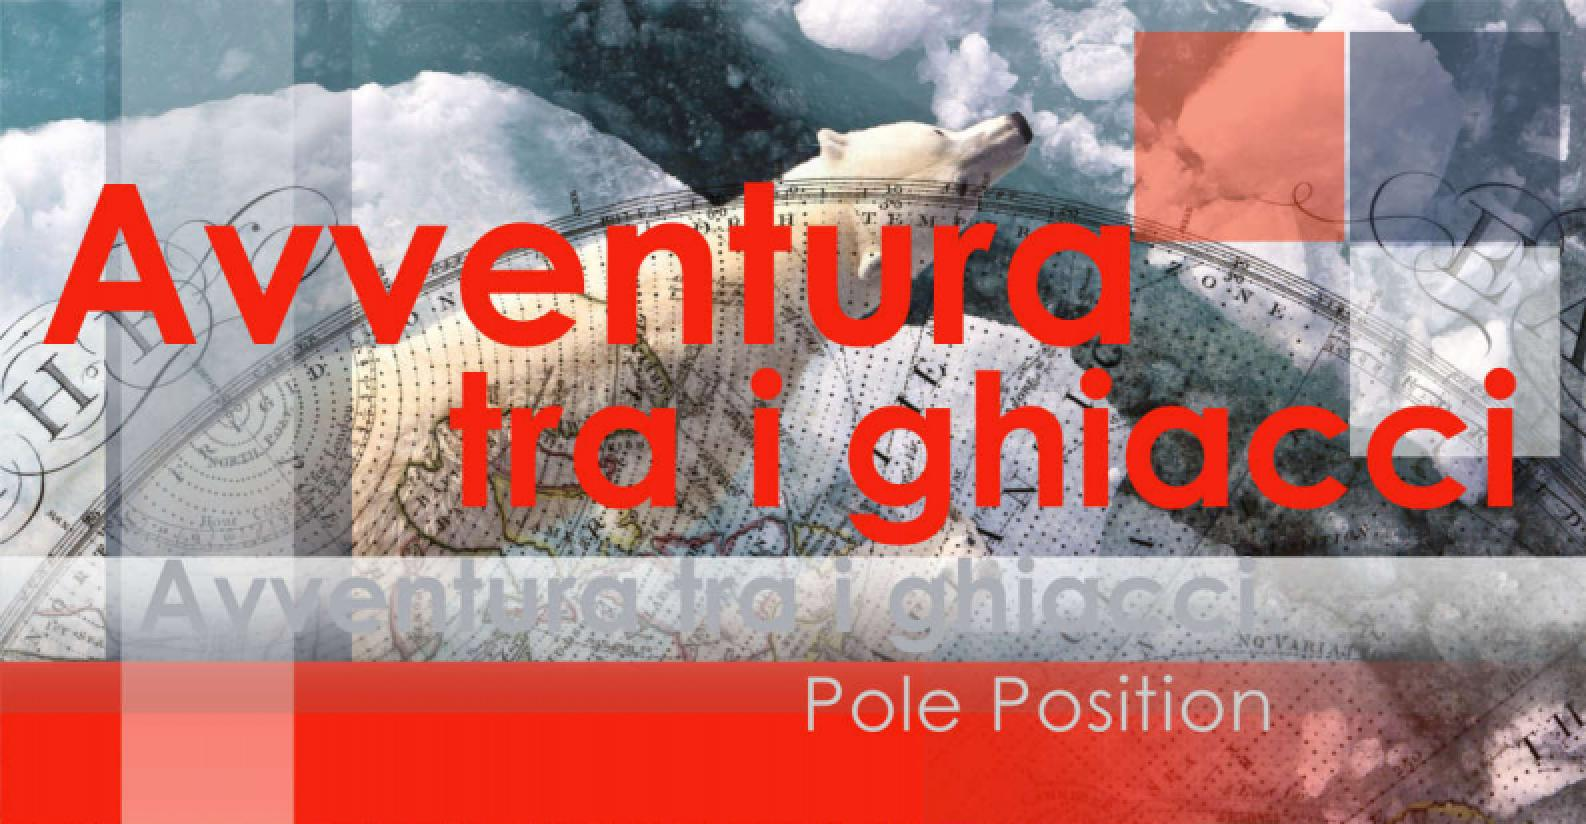 Avventura tra i ghiacci. Pole Position (locandina)